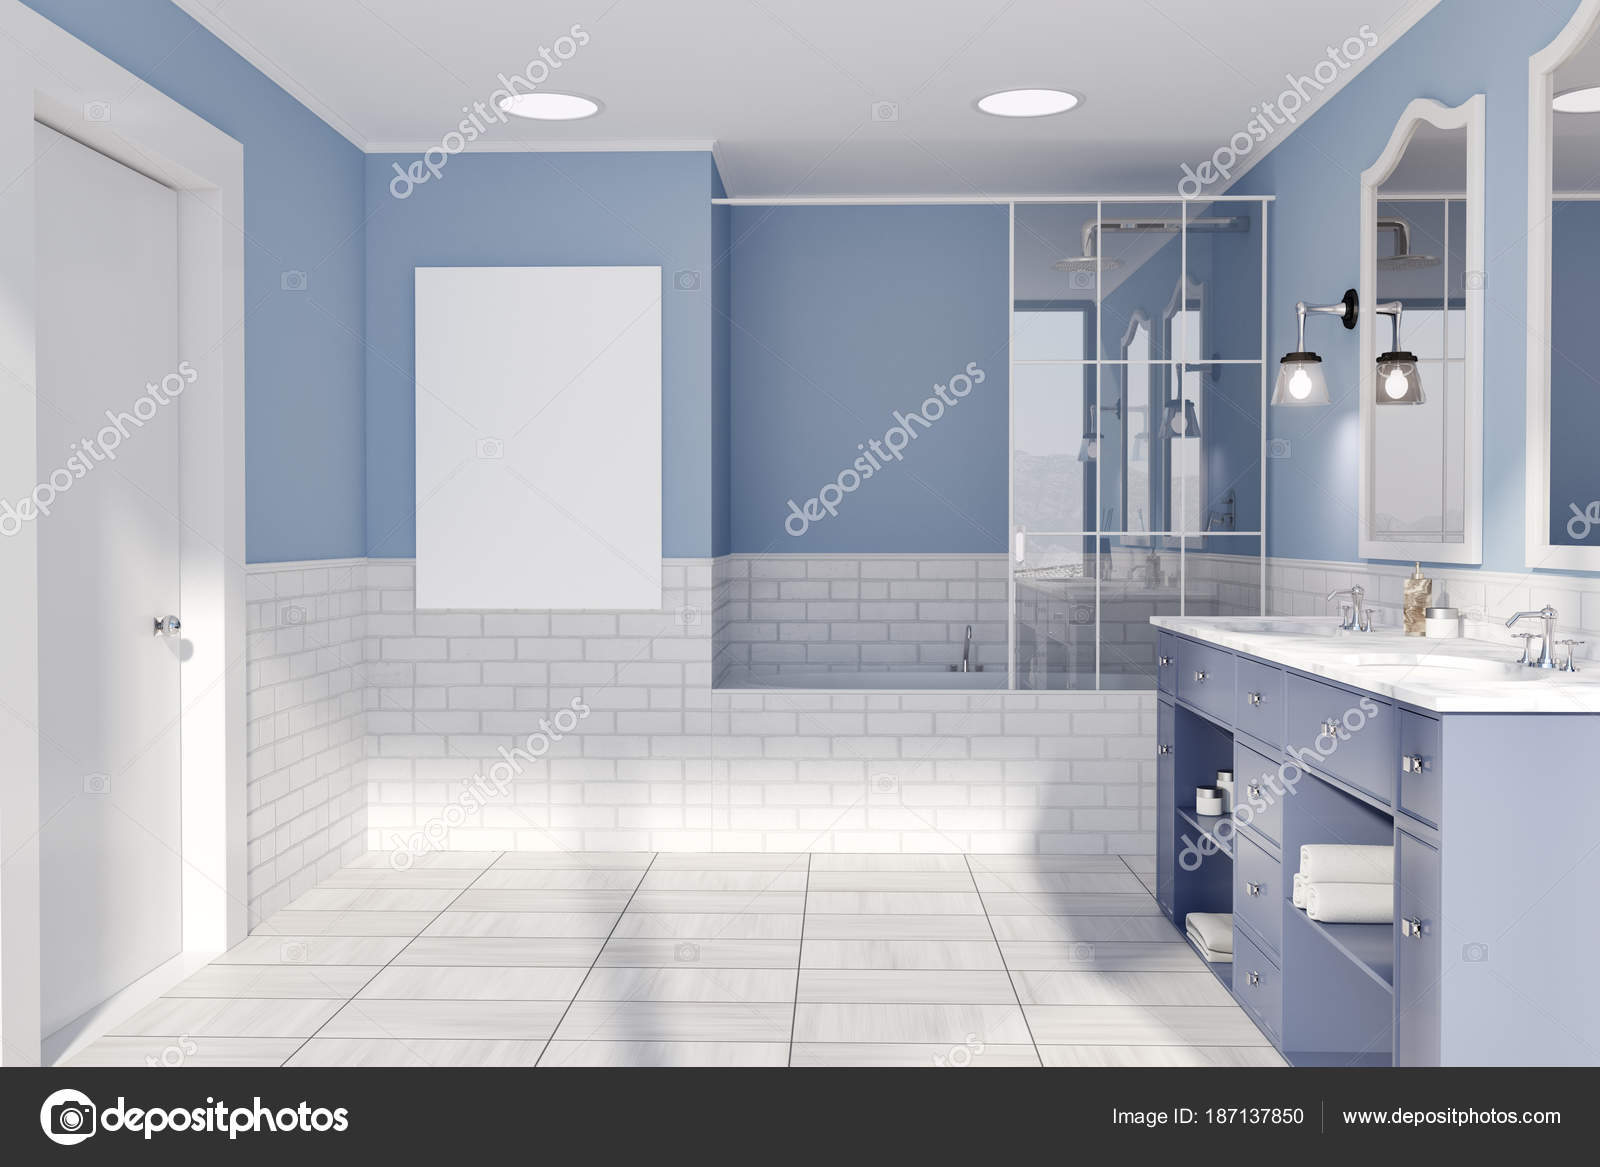 Salle De Bain Bleu Et Brique Mur Poster Photographie